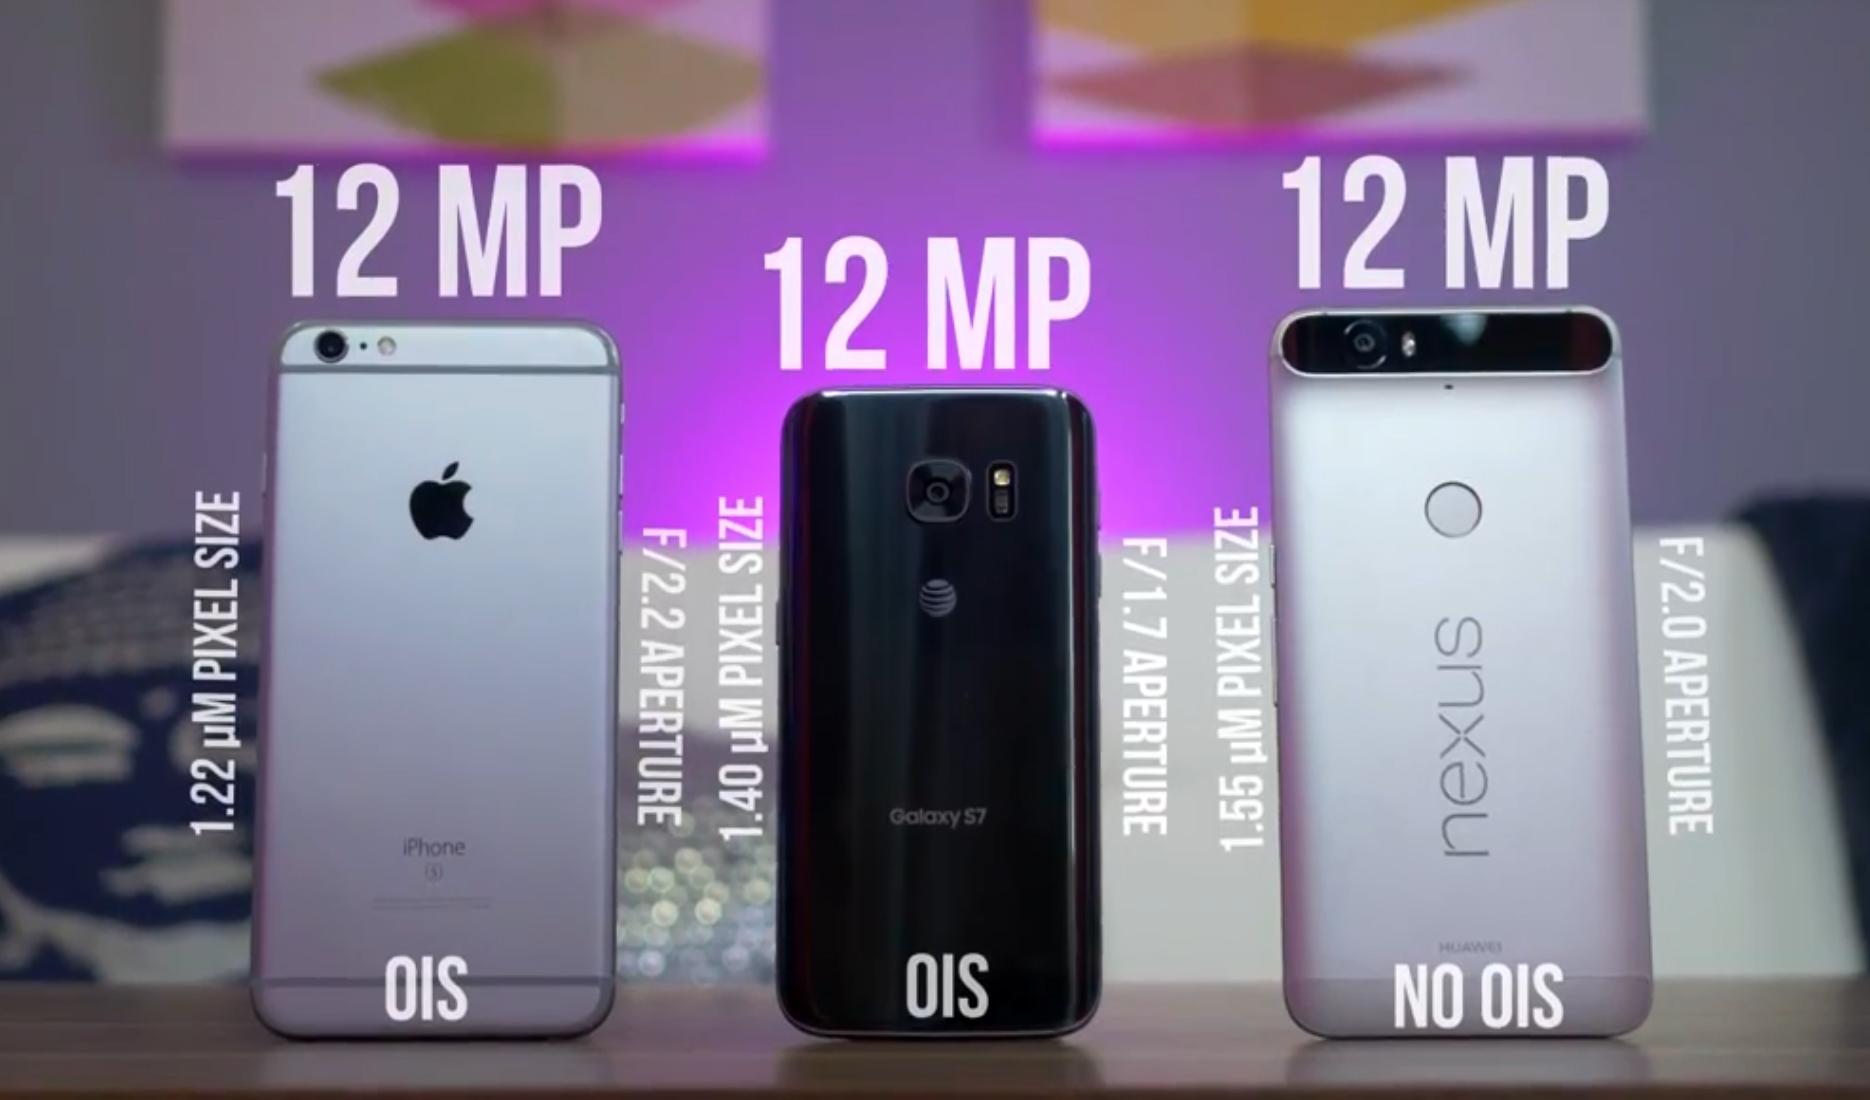 ویدیو مقایسه دوربین Galaxy S7 با iPhone 6s Plus و Nexus 6P